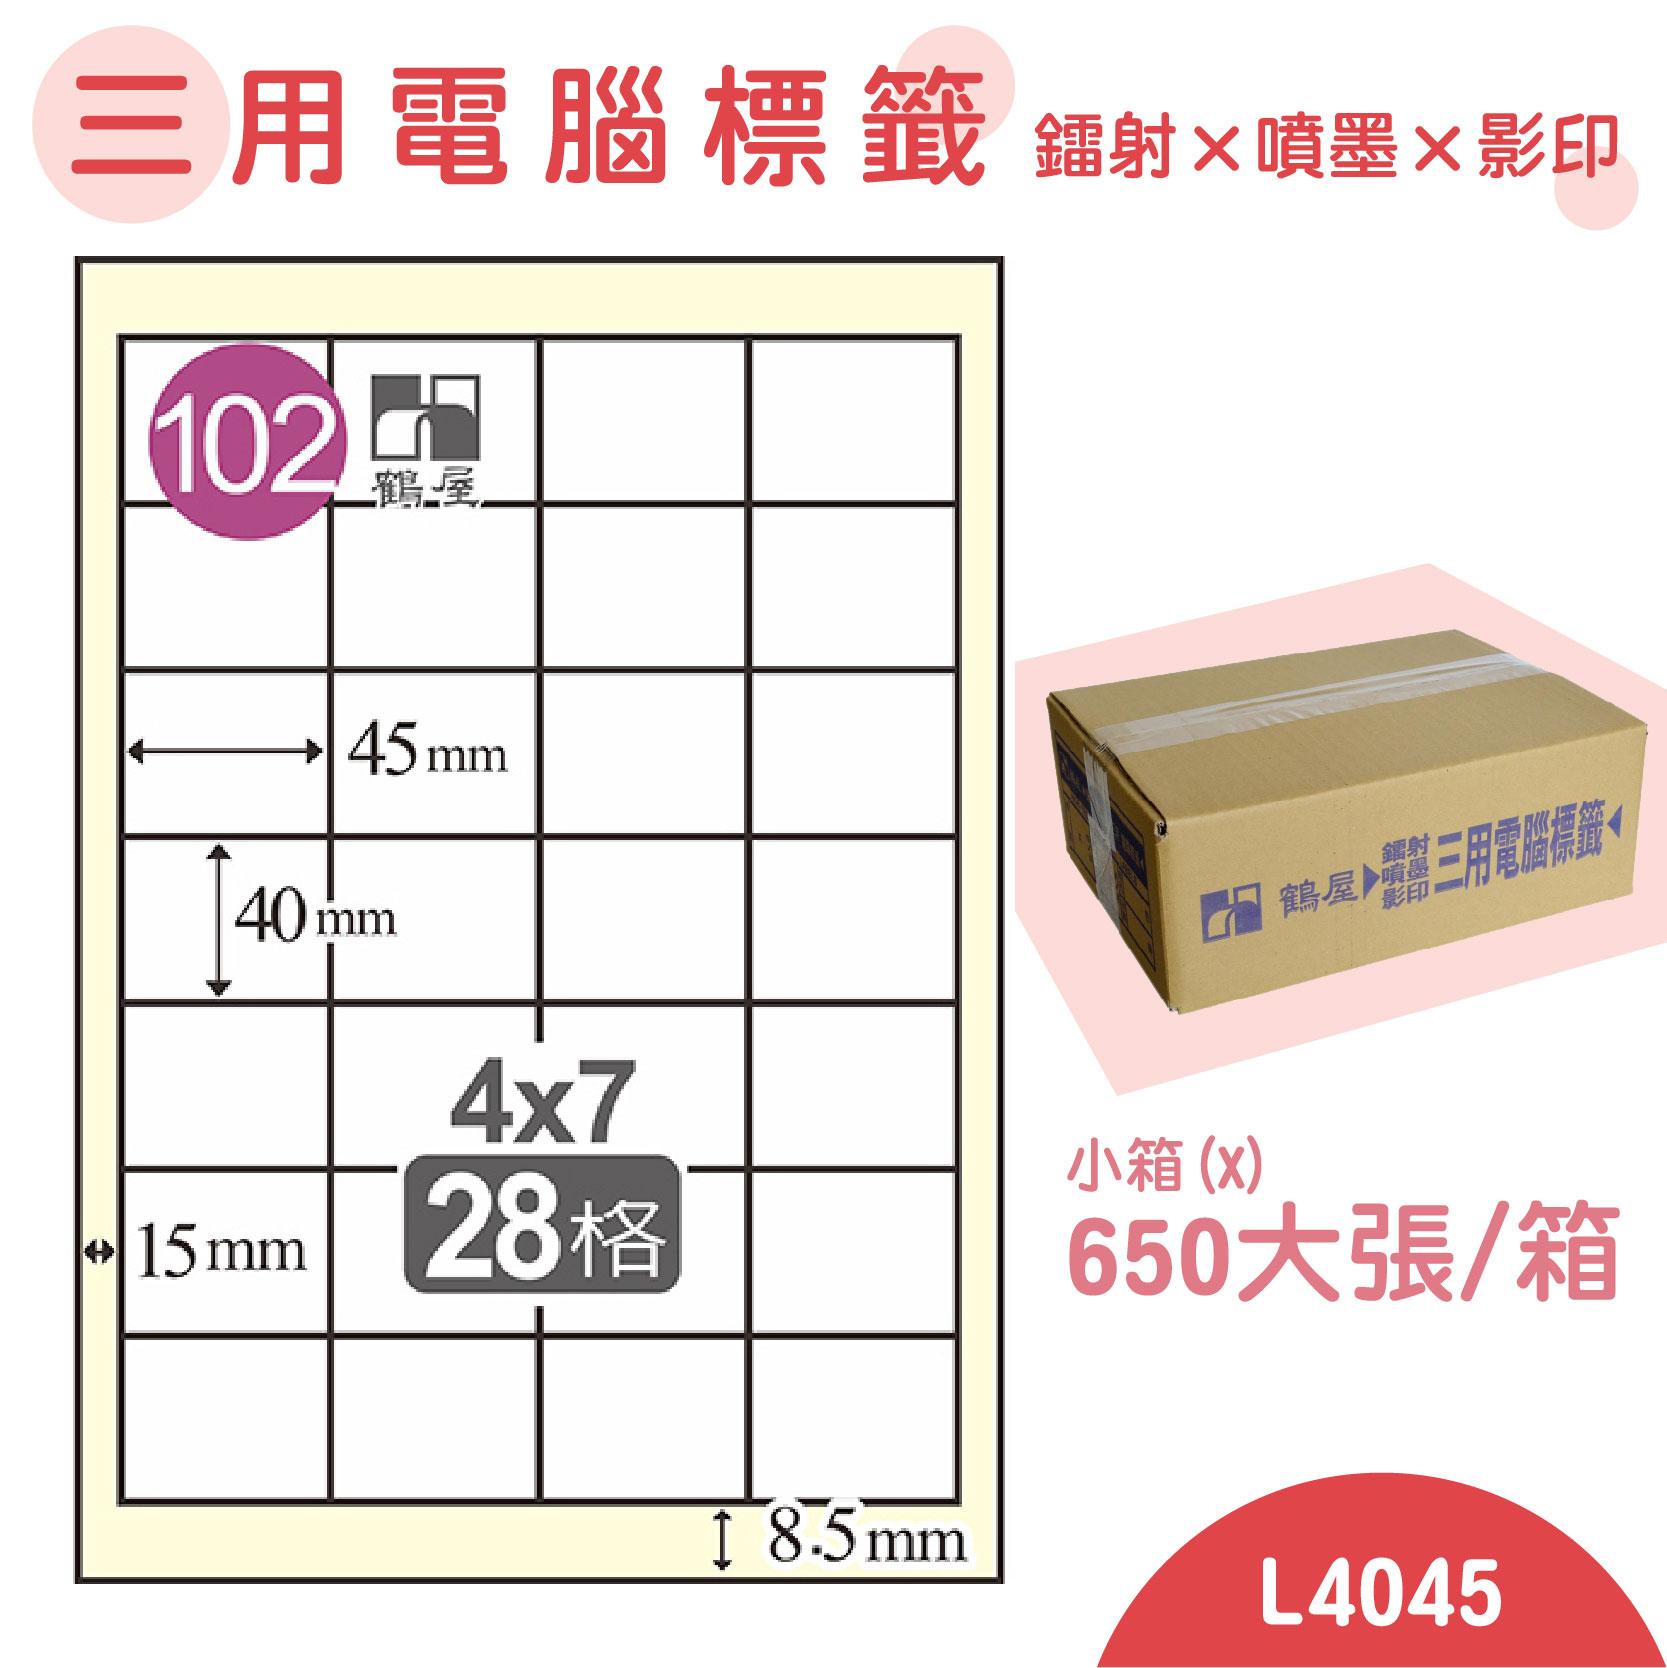 電腦標籤紙(鶴屋) 白色 L4045 28格 650大張/小箱 影印 雷射 噴墨 三用 標籤 貼紙 信封 光碟 名條